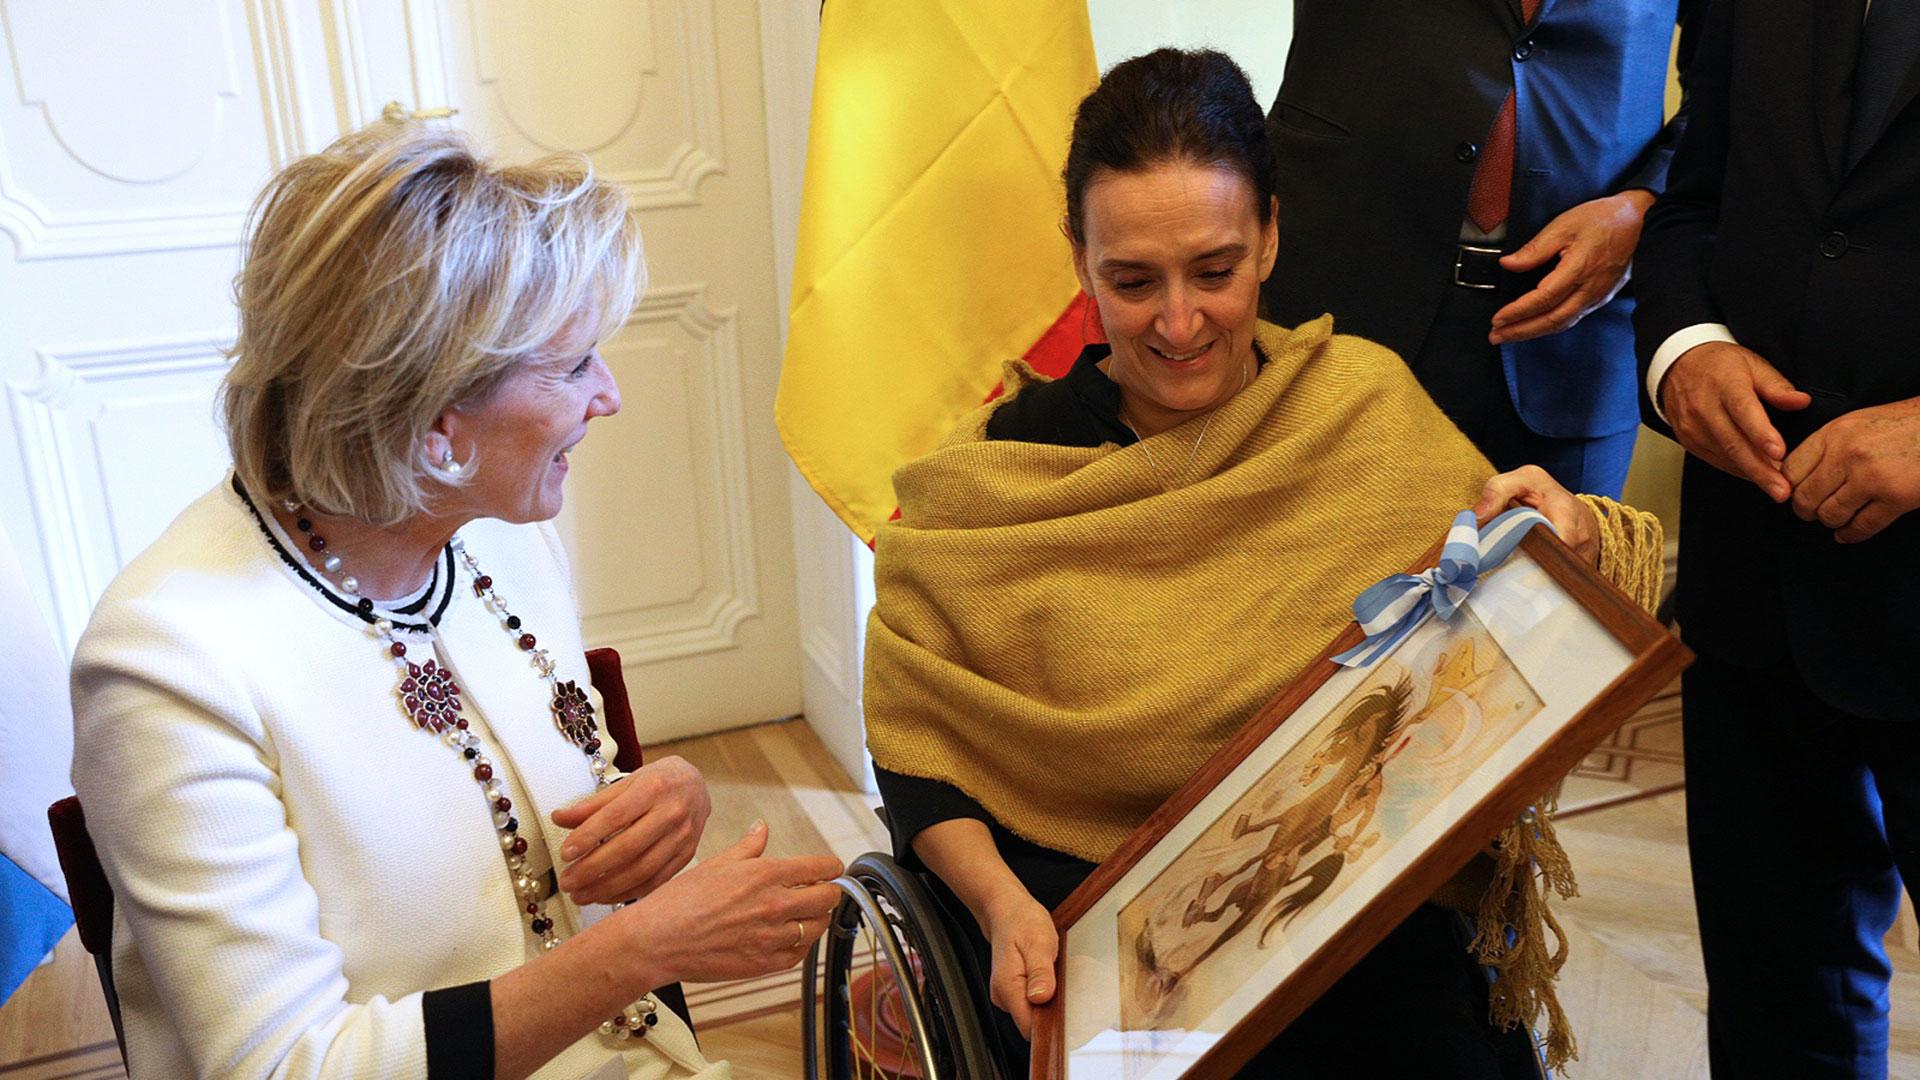 La Vicepresidenta obsequió a la Princesa, amante del arte, un cuadro de Patoruzú, en virtud de cumplirse 90 años del célebre personaje ícono de la cultura y tradición argentina.